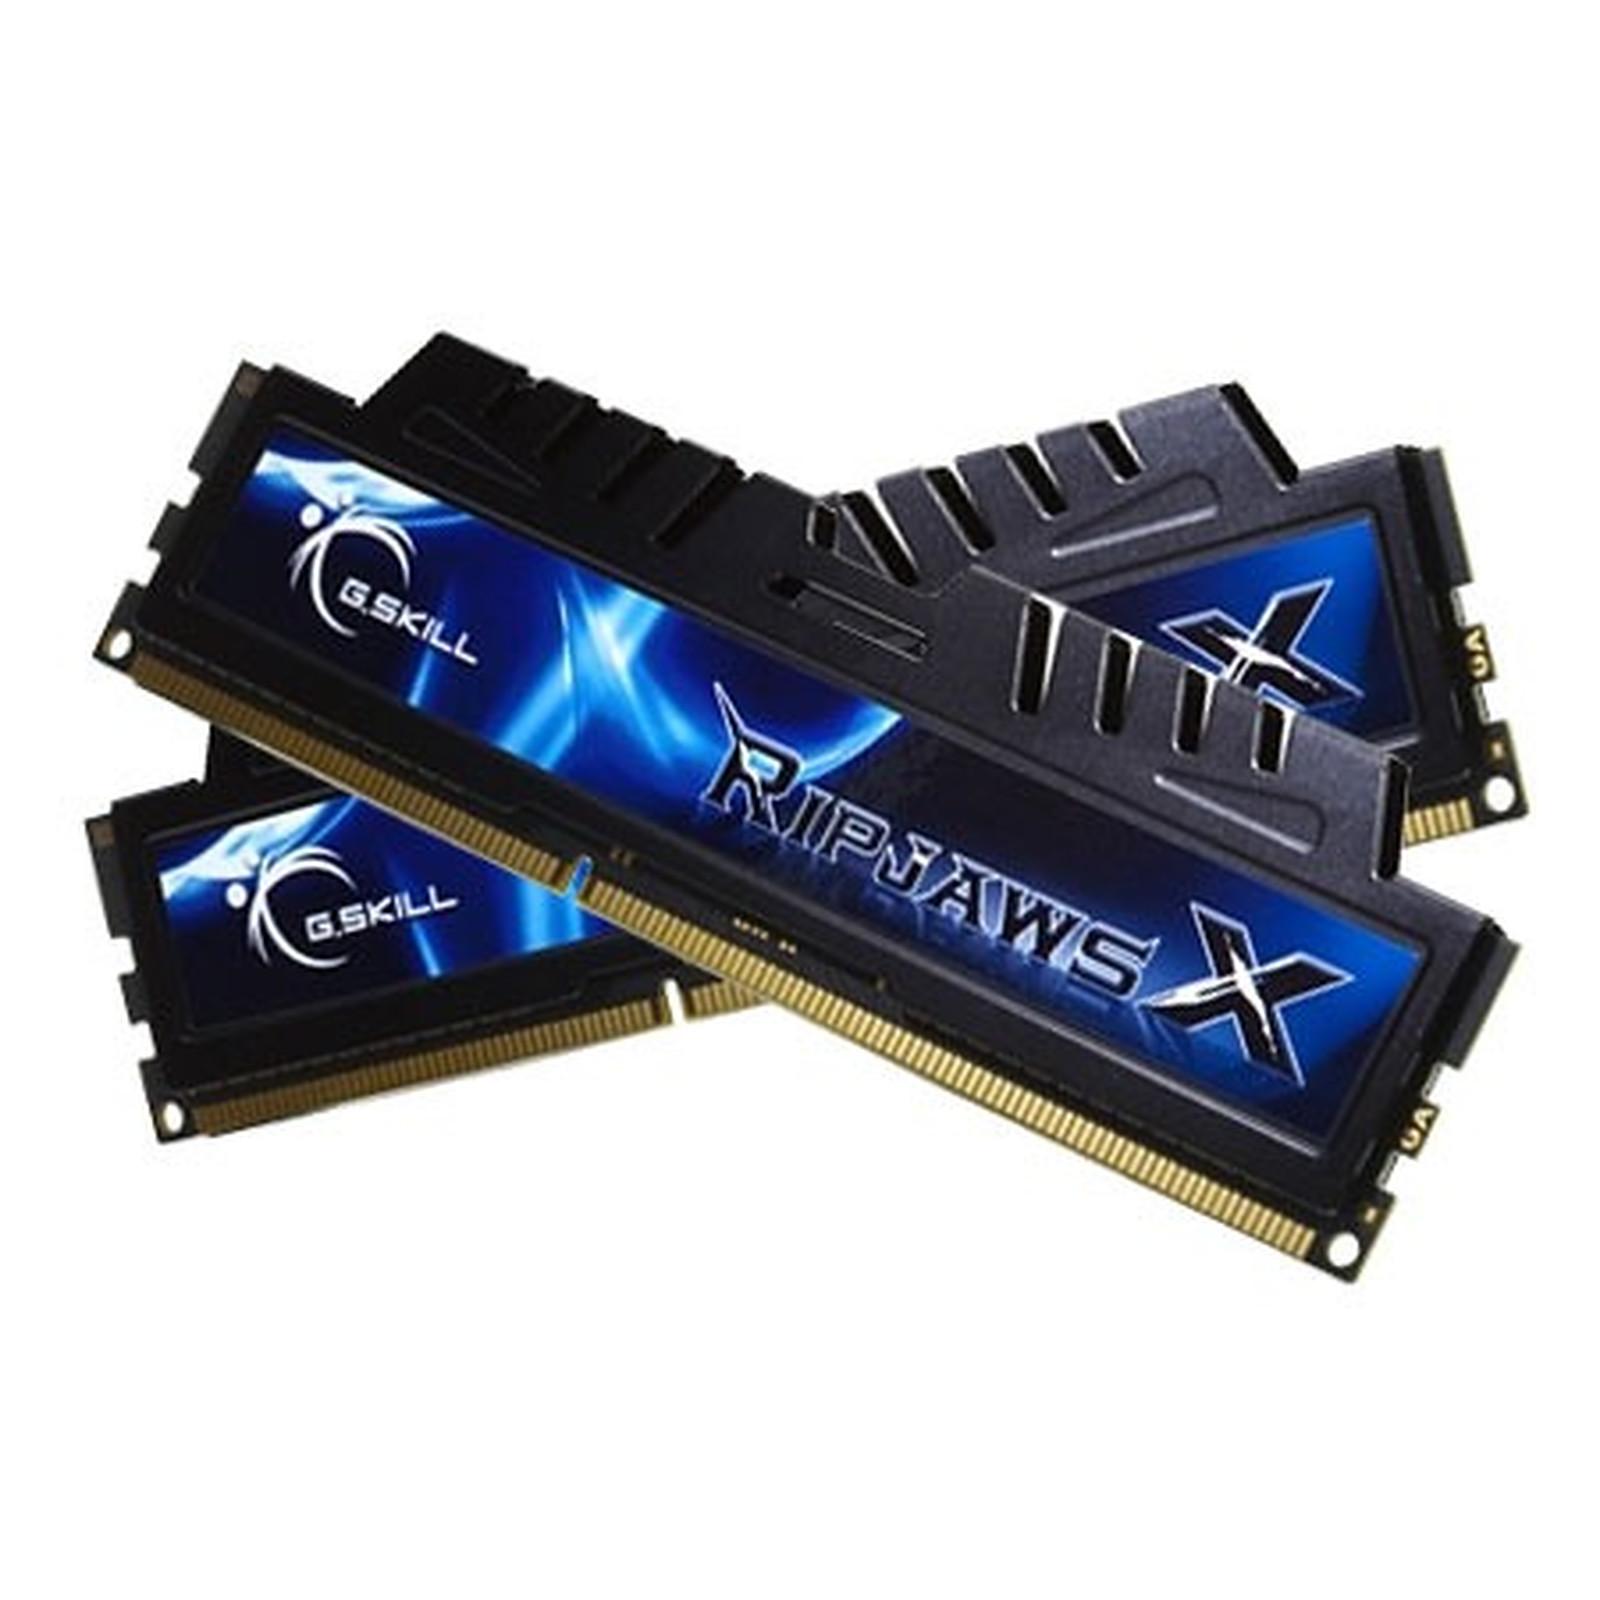 G.Skill RipJaws X Series 4 Go (2x 2Go) DDR3 2133 MHz CL7